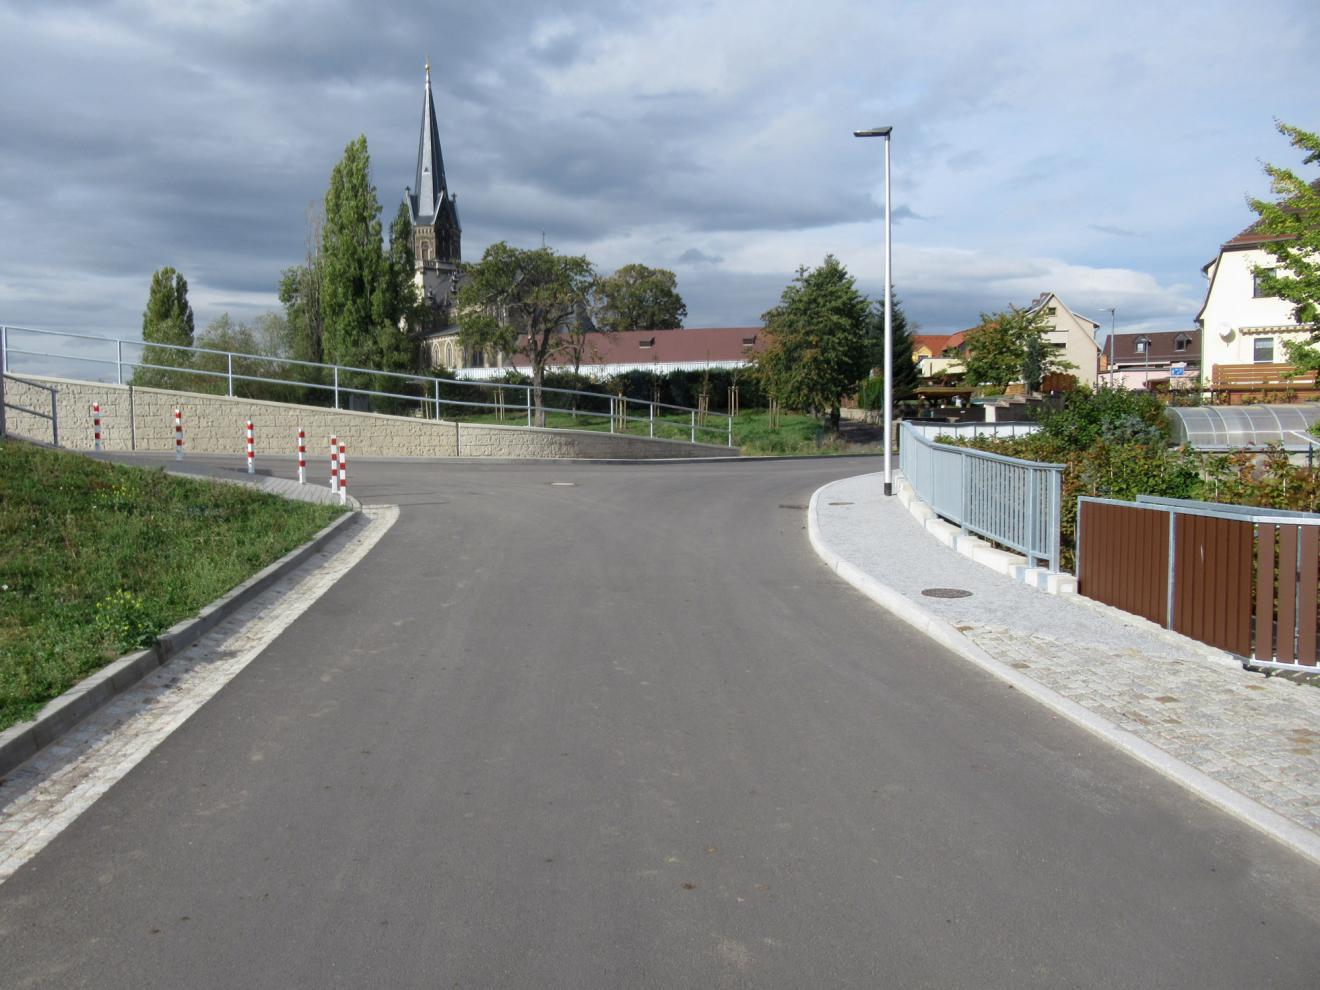 Beweissicherung - vor Baubeginn und nach Bauende - Hochwasserschutzlinie in Radebeul Fürstenhain - Maßnahme M68 - Objekt 10 - Deich und Überlaufstrecke